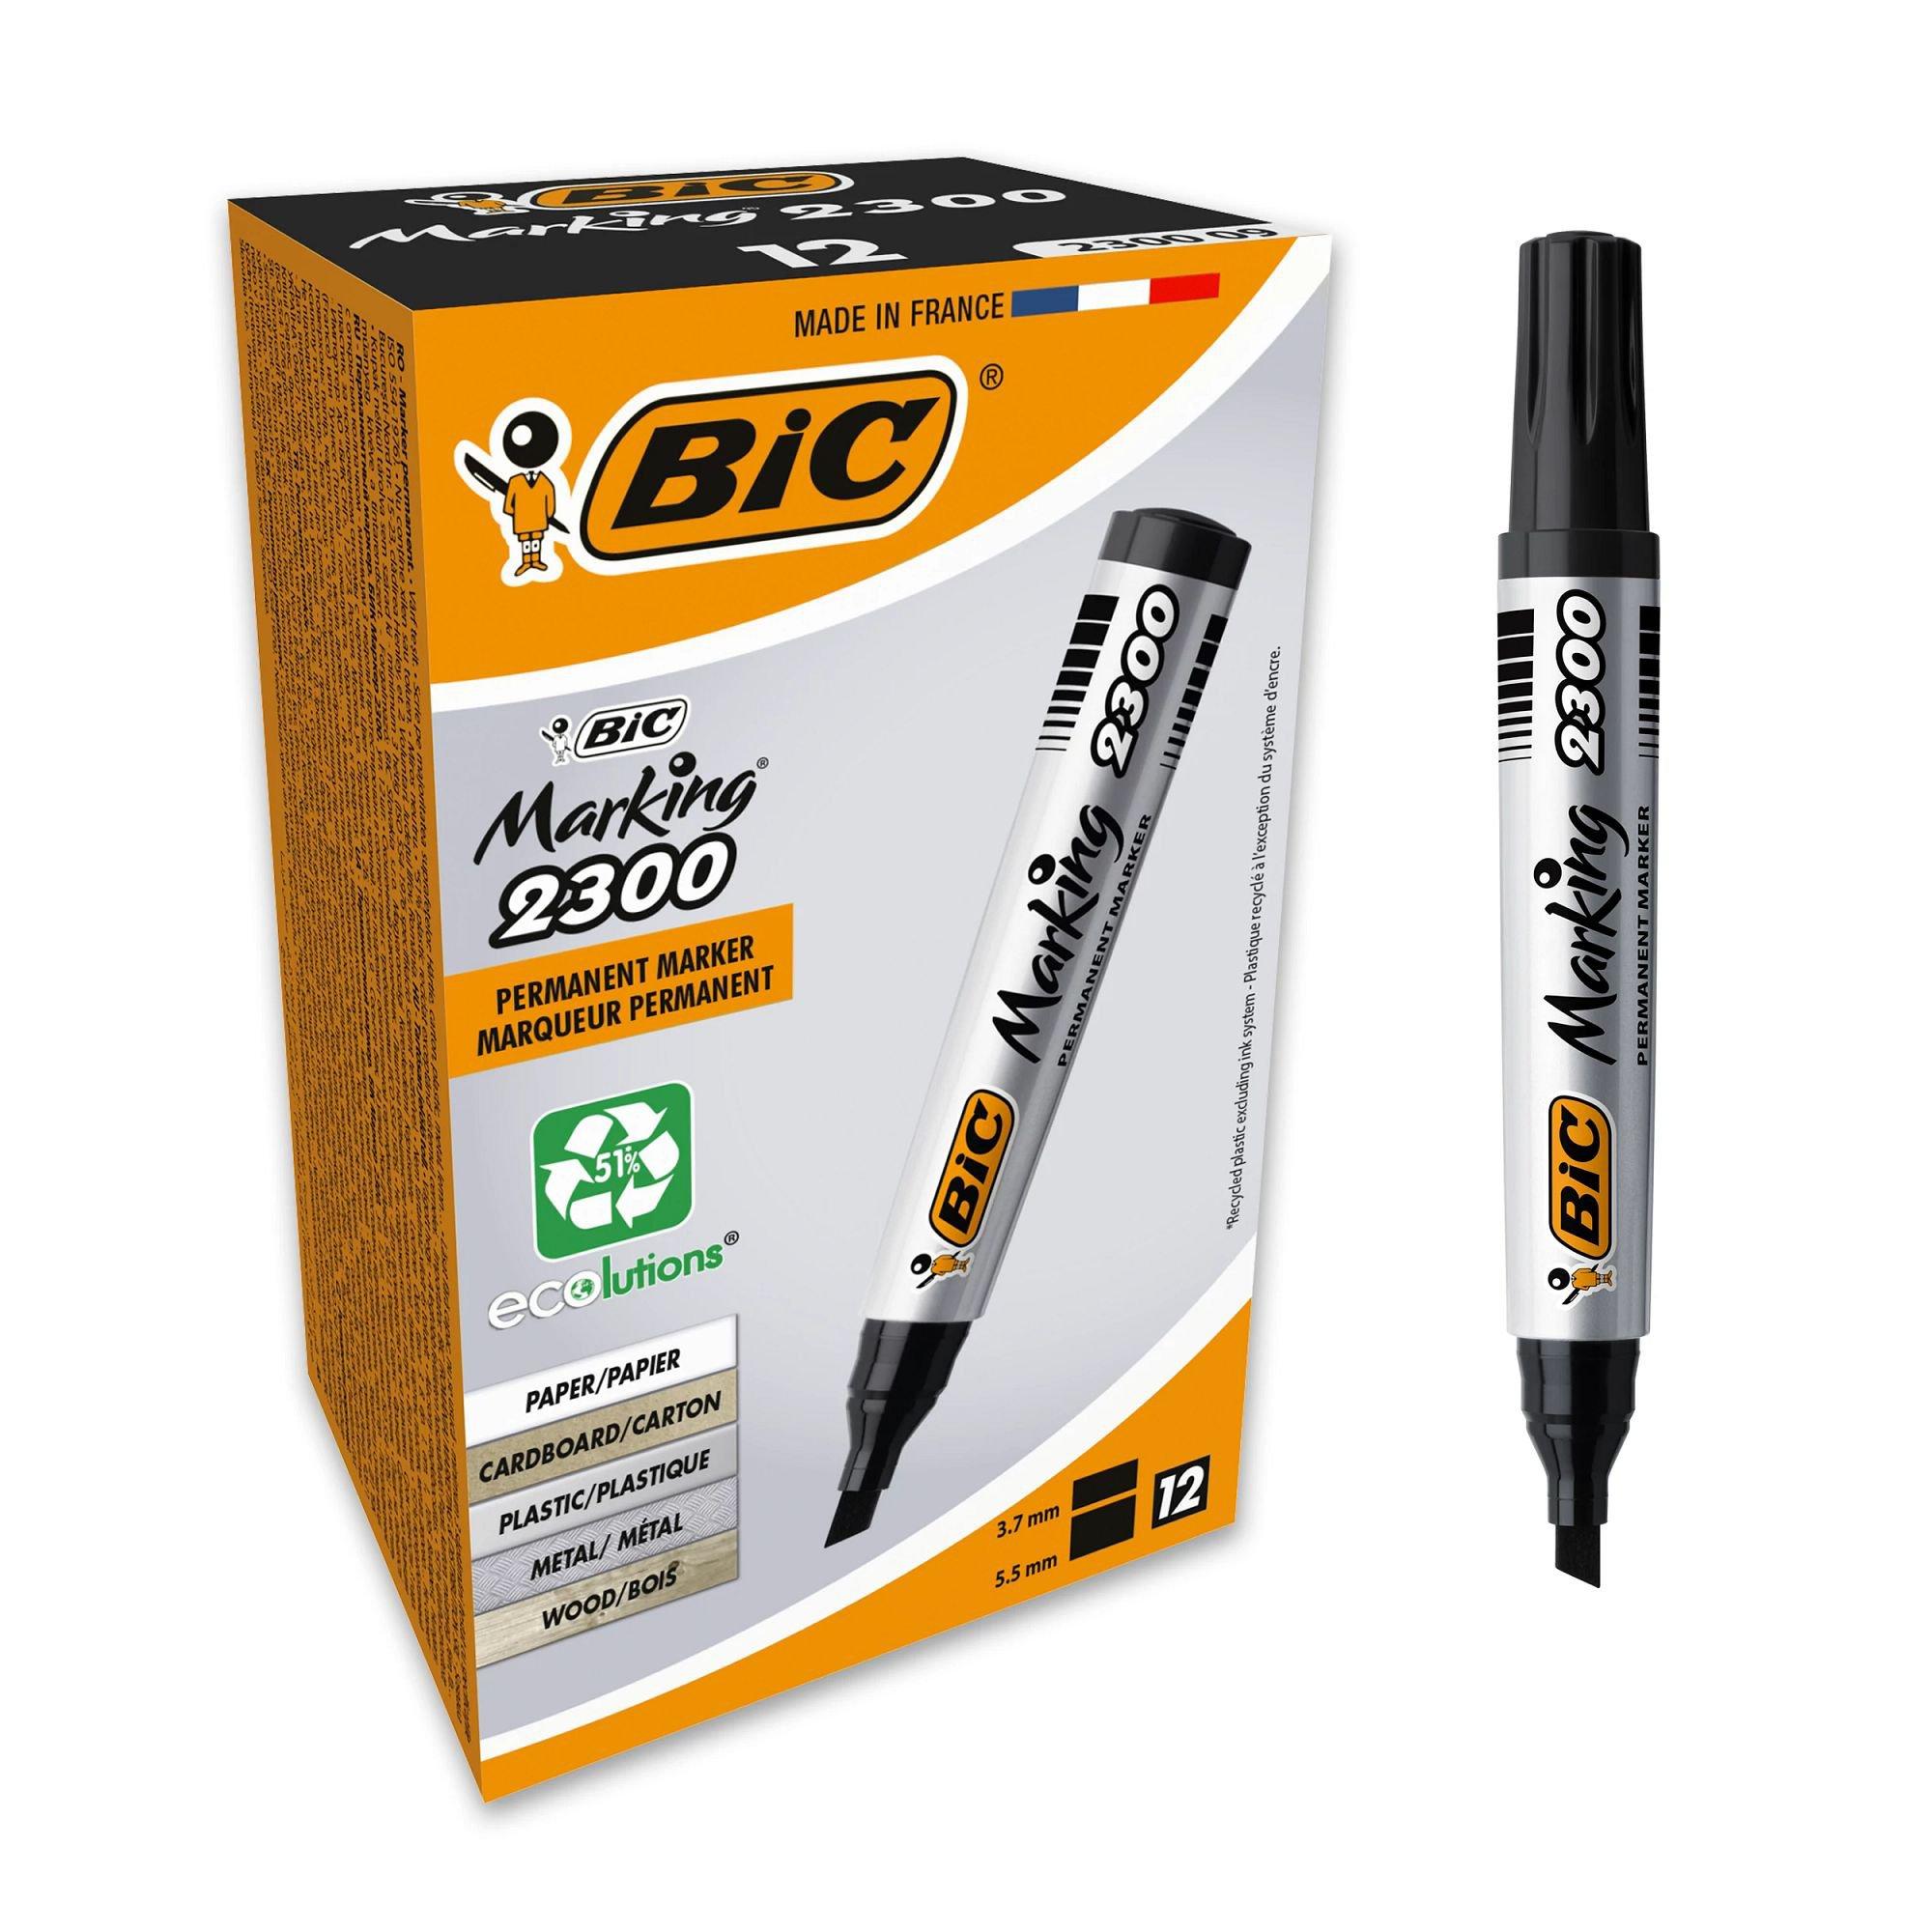 Image for BIC Marking 2300 Permanent Marker Pen Chisel Tip Black 820926